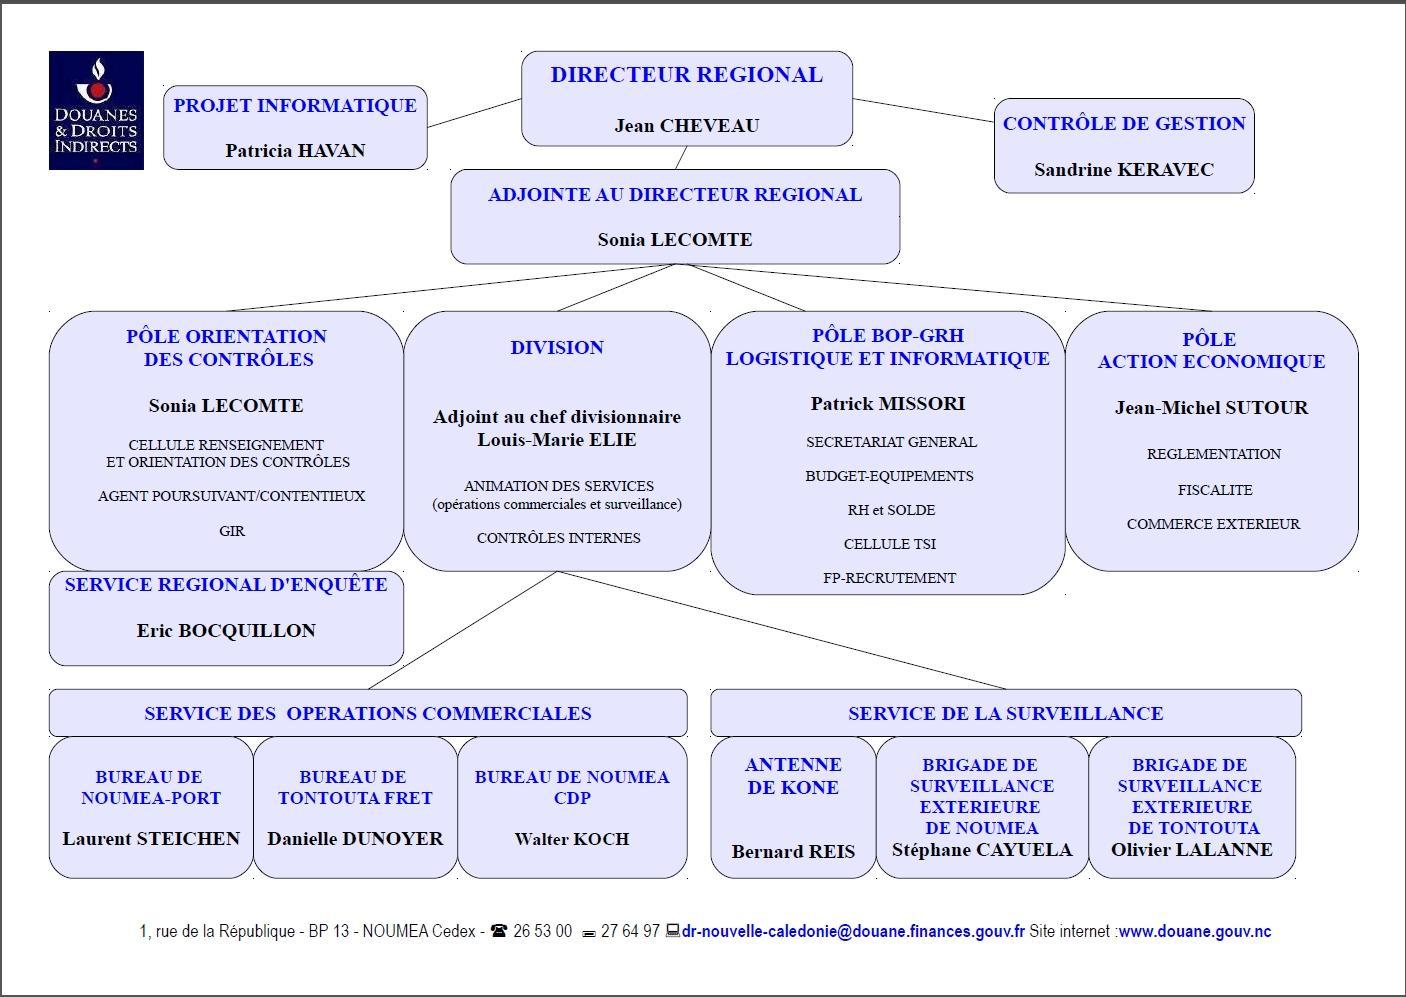 organigramme_des_dervices_douaniers_aout_2018.jpg